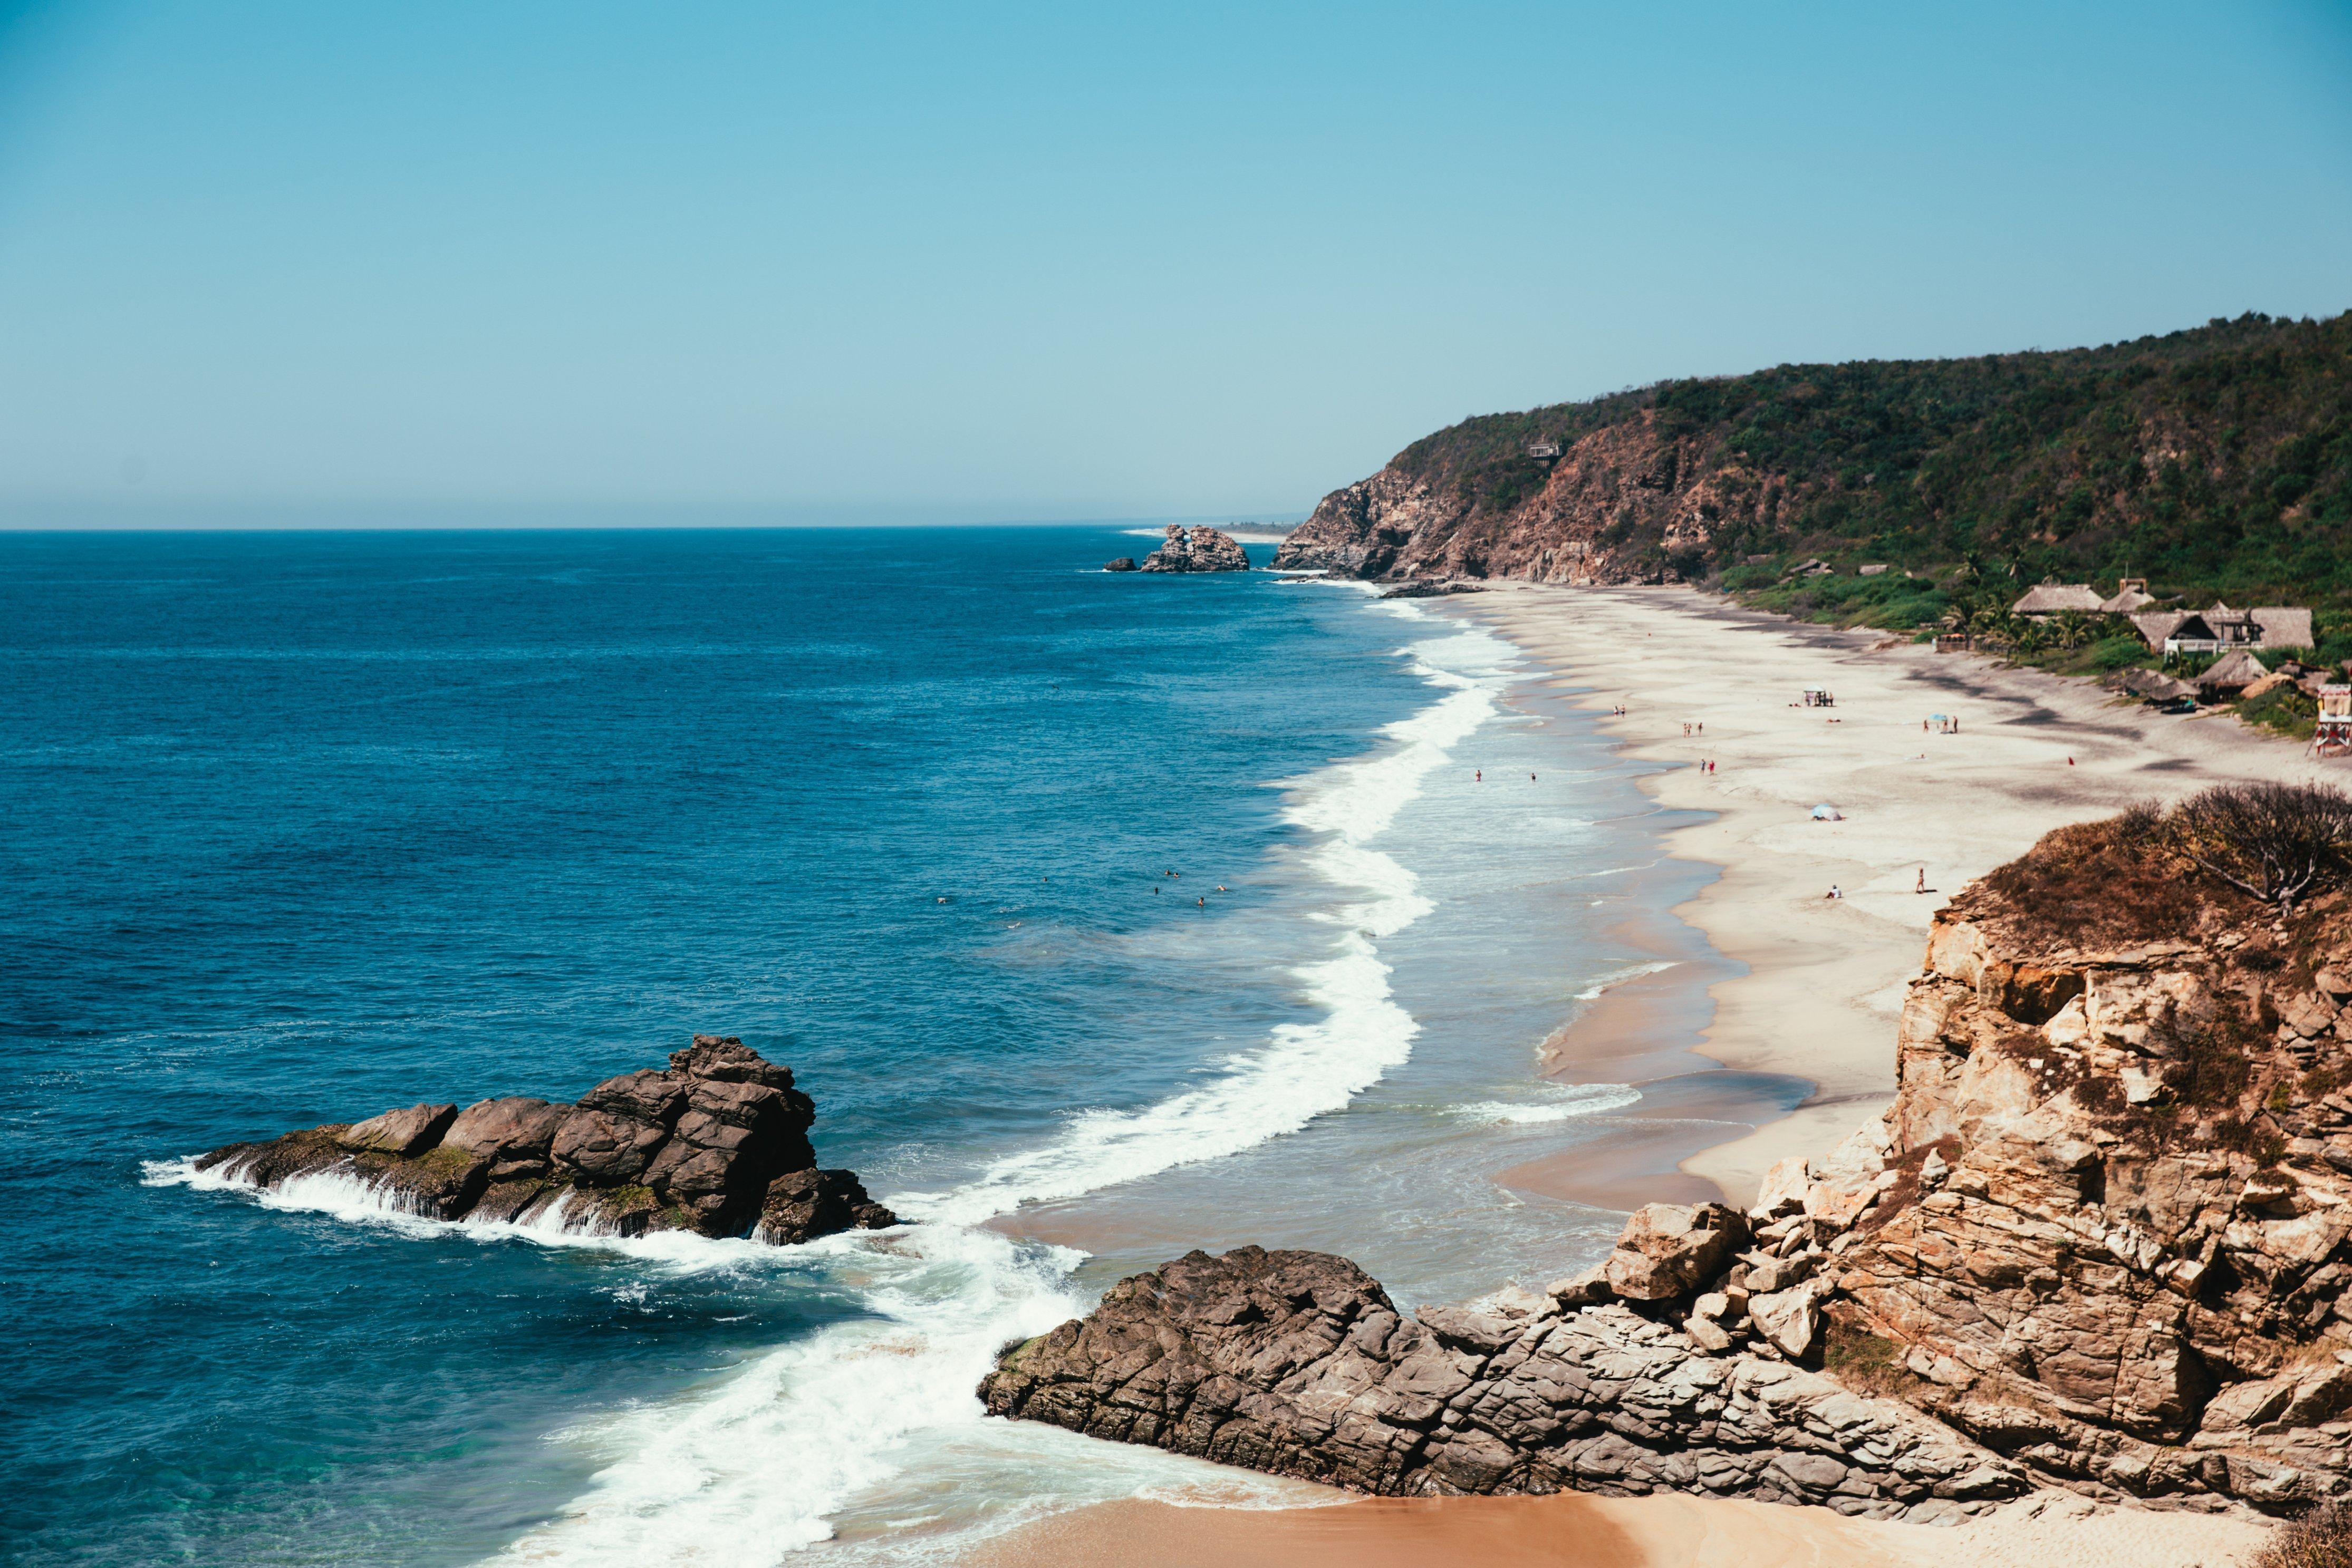 blue-ocean-with-sandy-beach_4460x4460